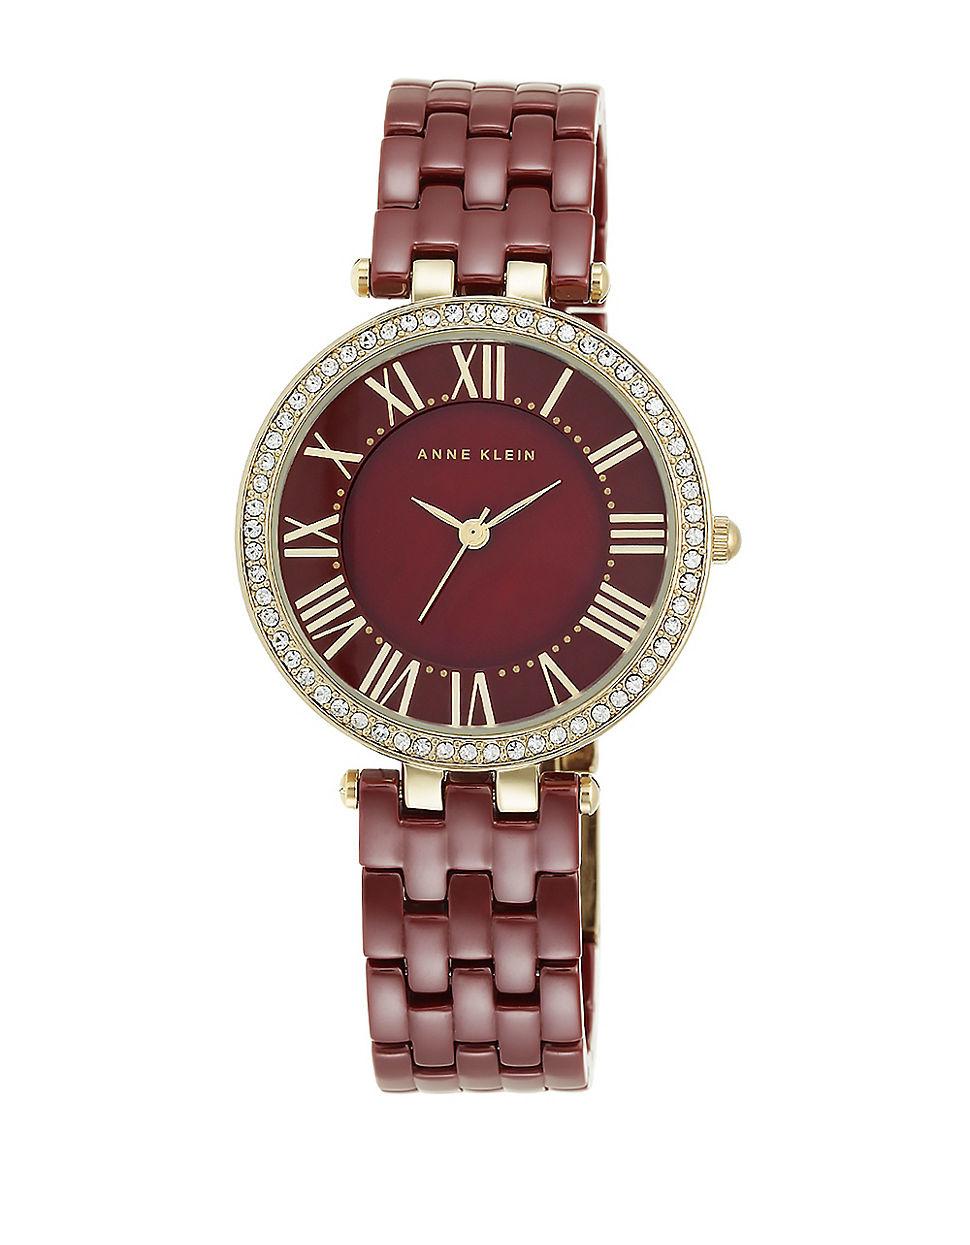 Anne klein swarovski crystal and ceramic bracelet watch in purple lyst for Anne klein swarovski crystals